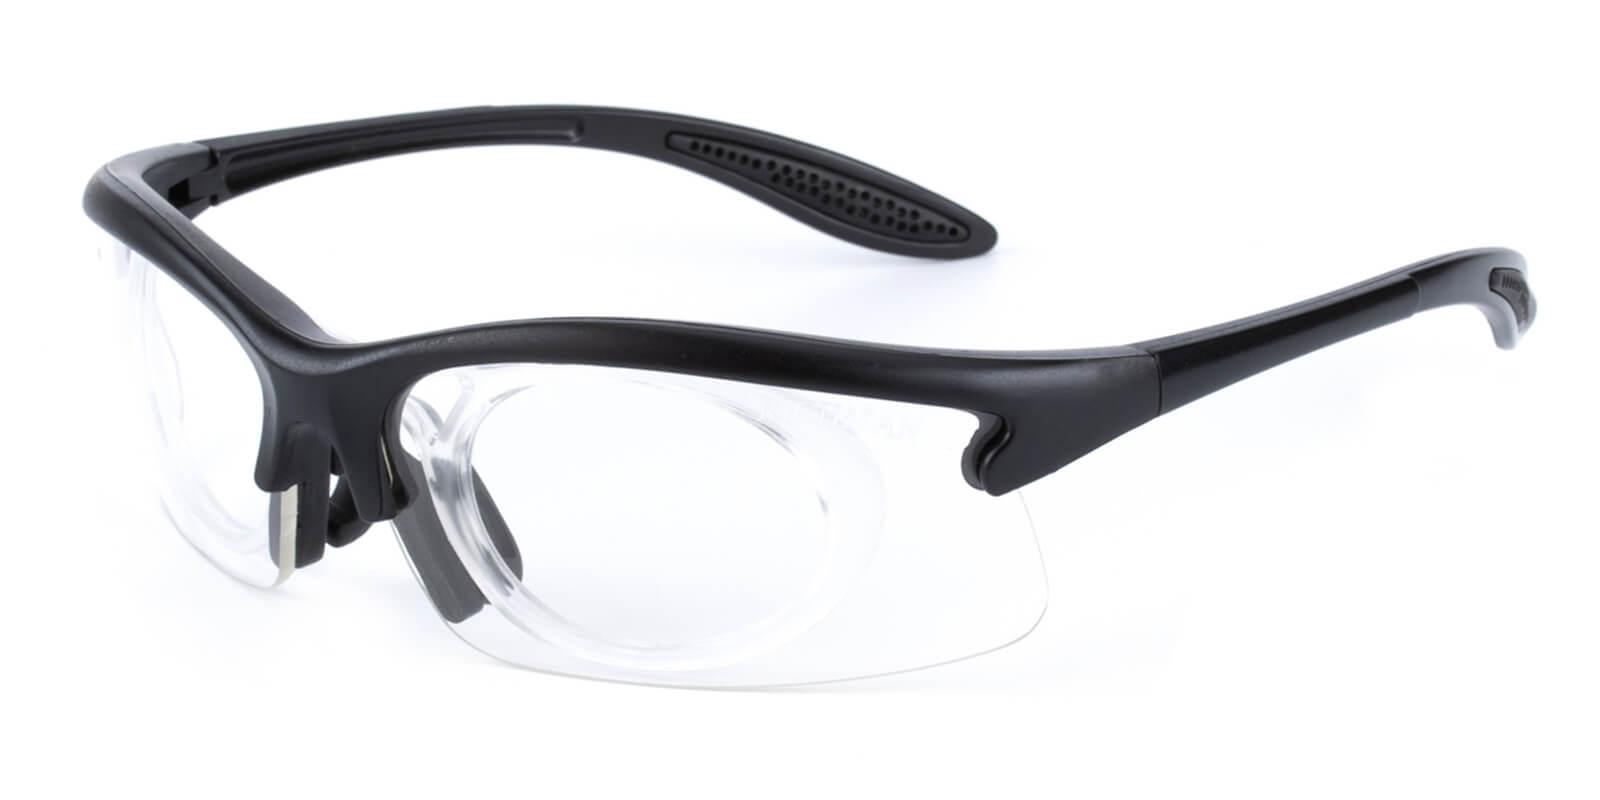 Windrise-Translucent-Square-Plastic-SportsGlasses-detail